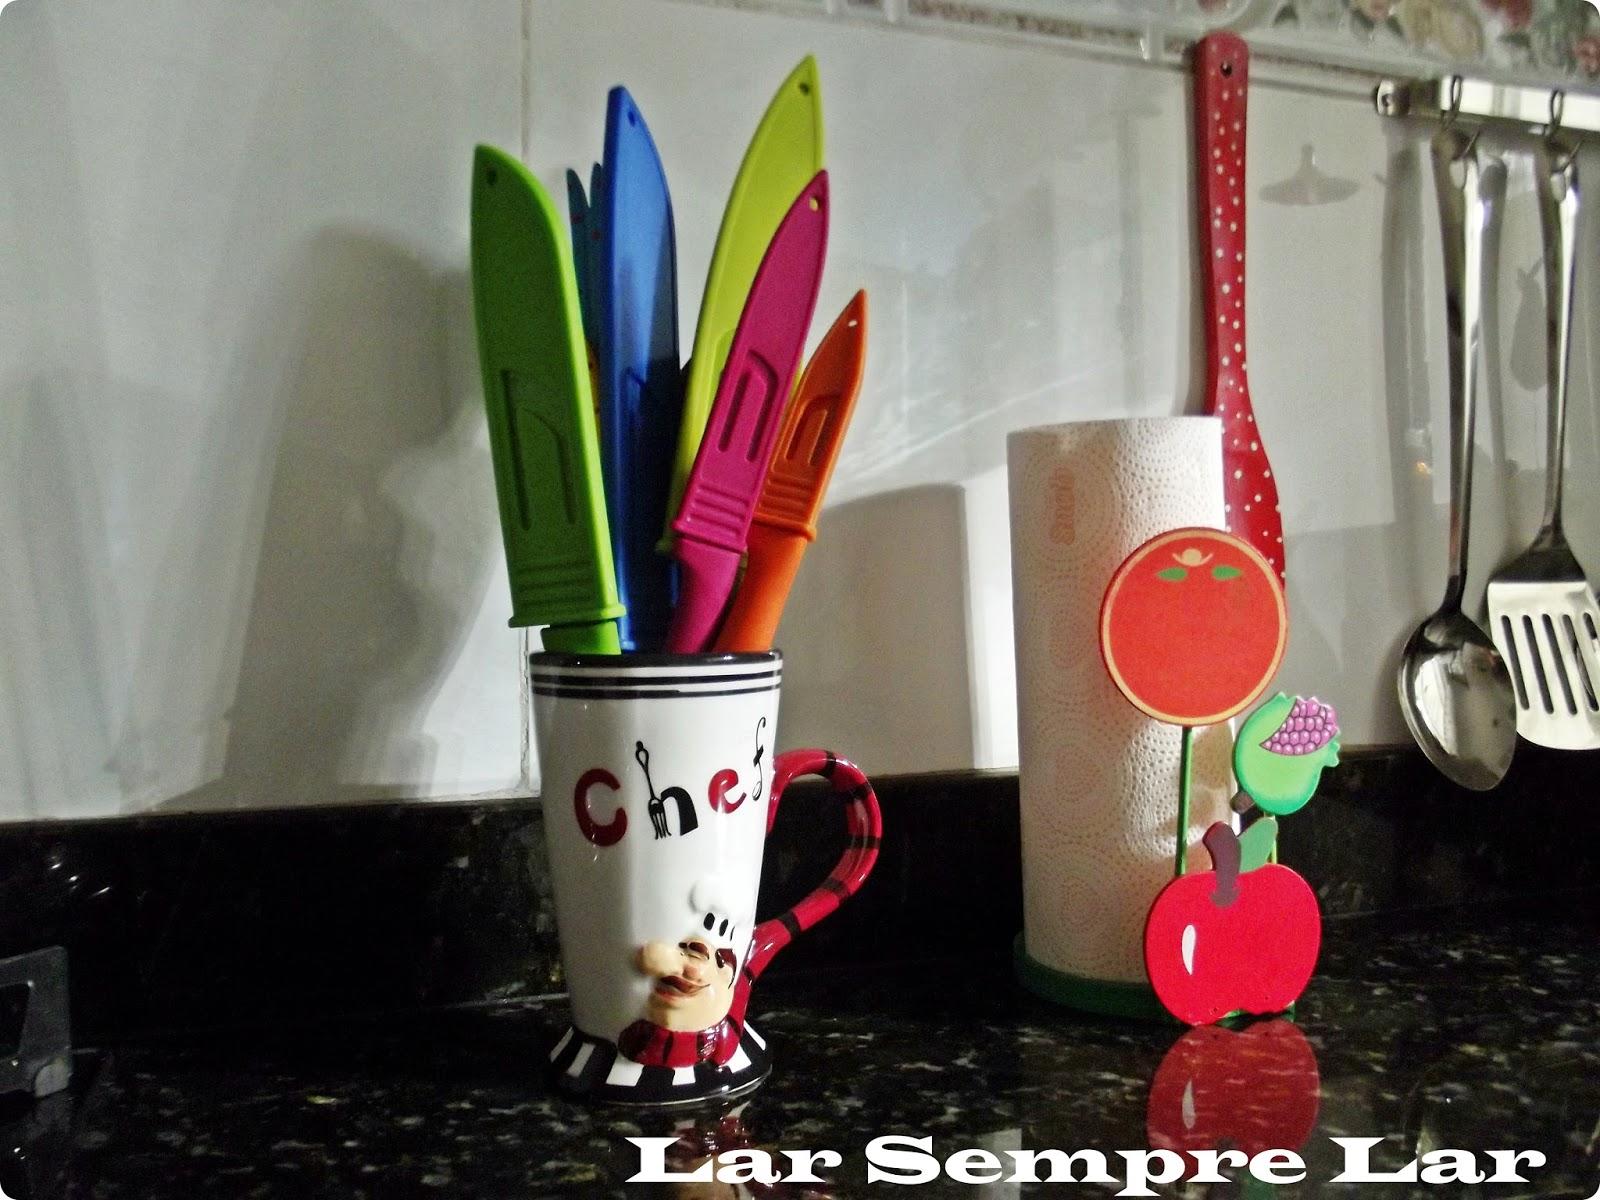 Ganhei essa xícara do meu Marido e o conjunto de facas coloridas e da